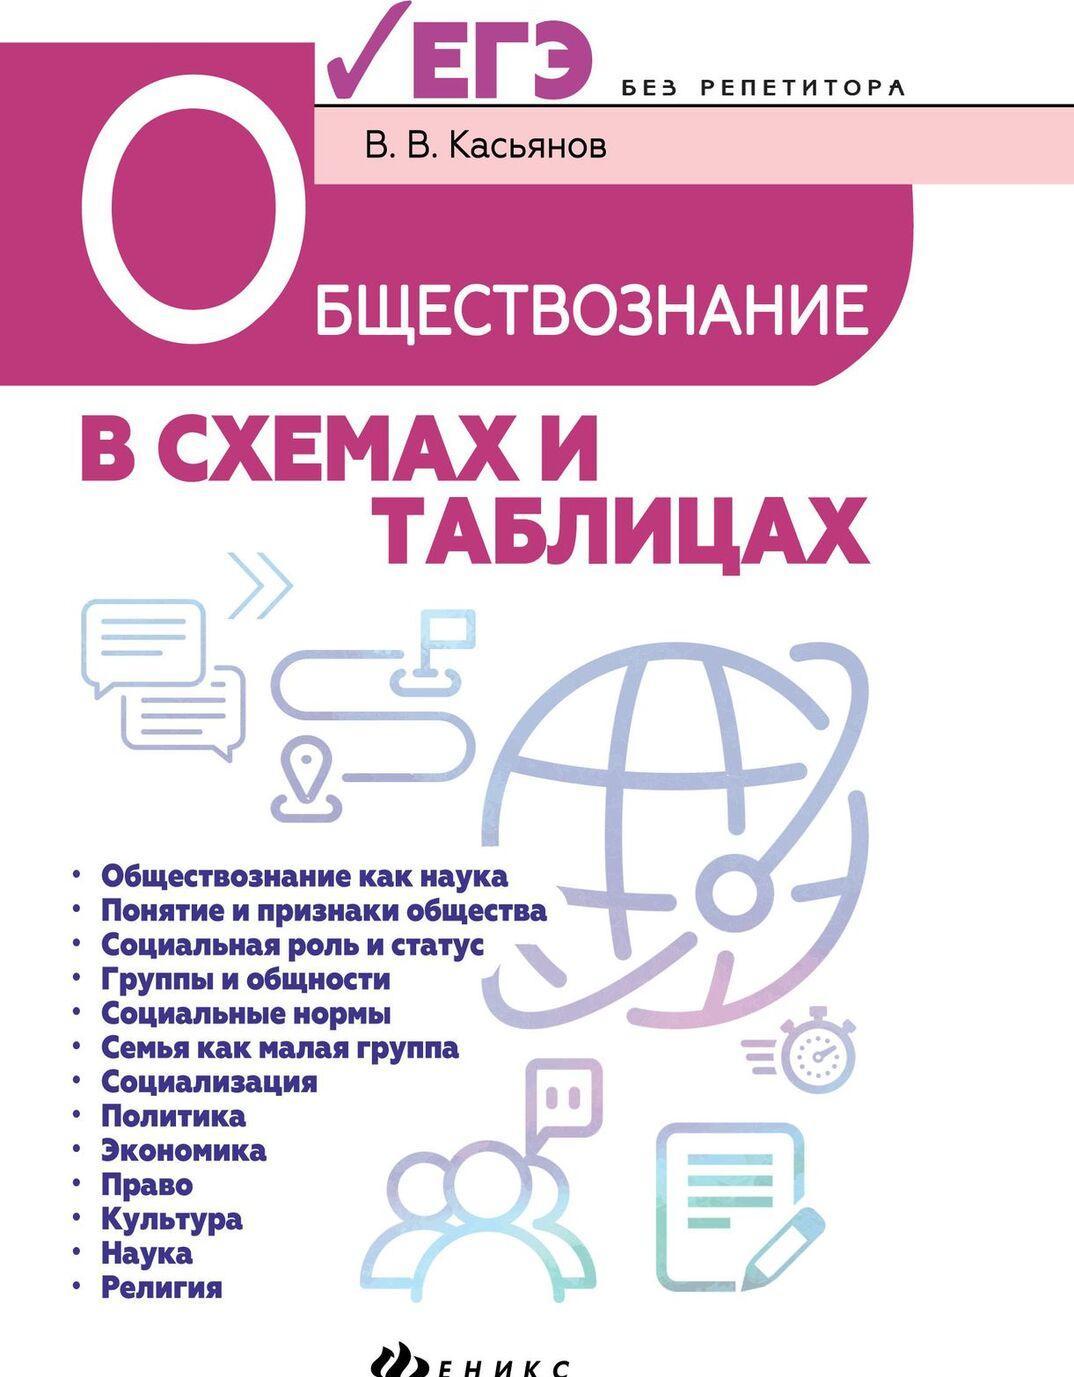 Obschestvoznanie v skhemakh i tablitsakh | Kasjanov Valerij Vasilevich